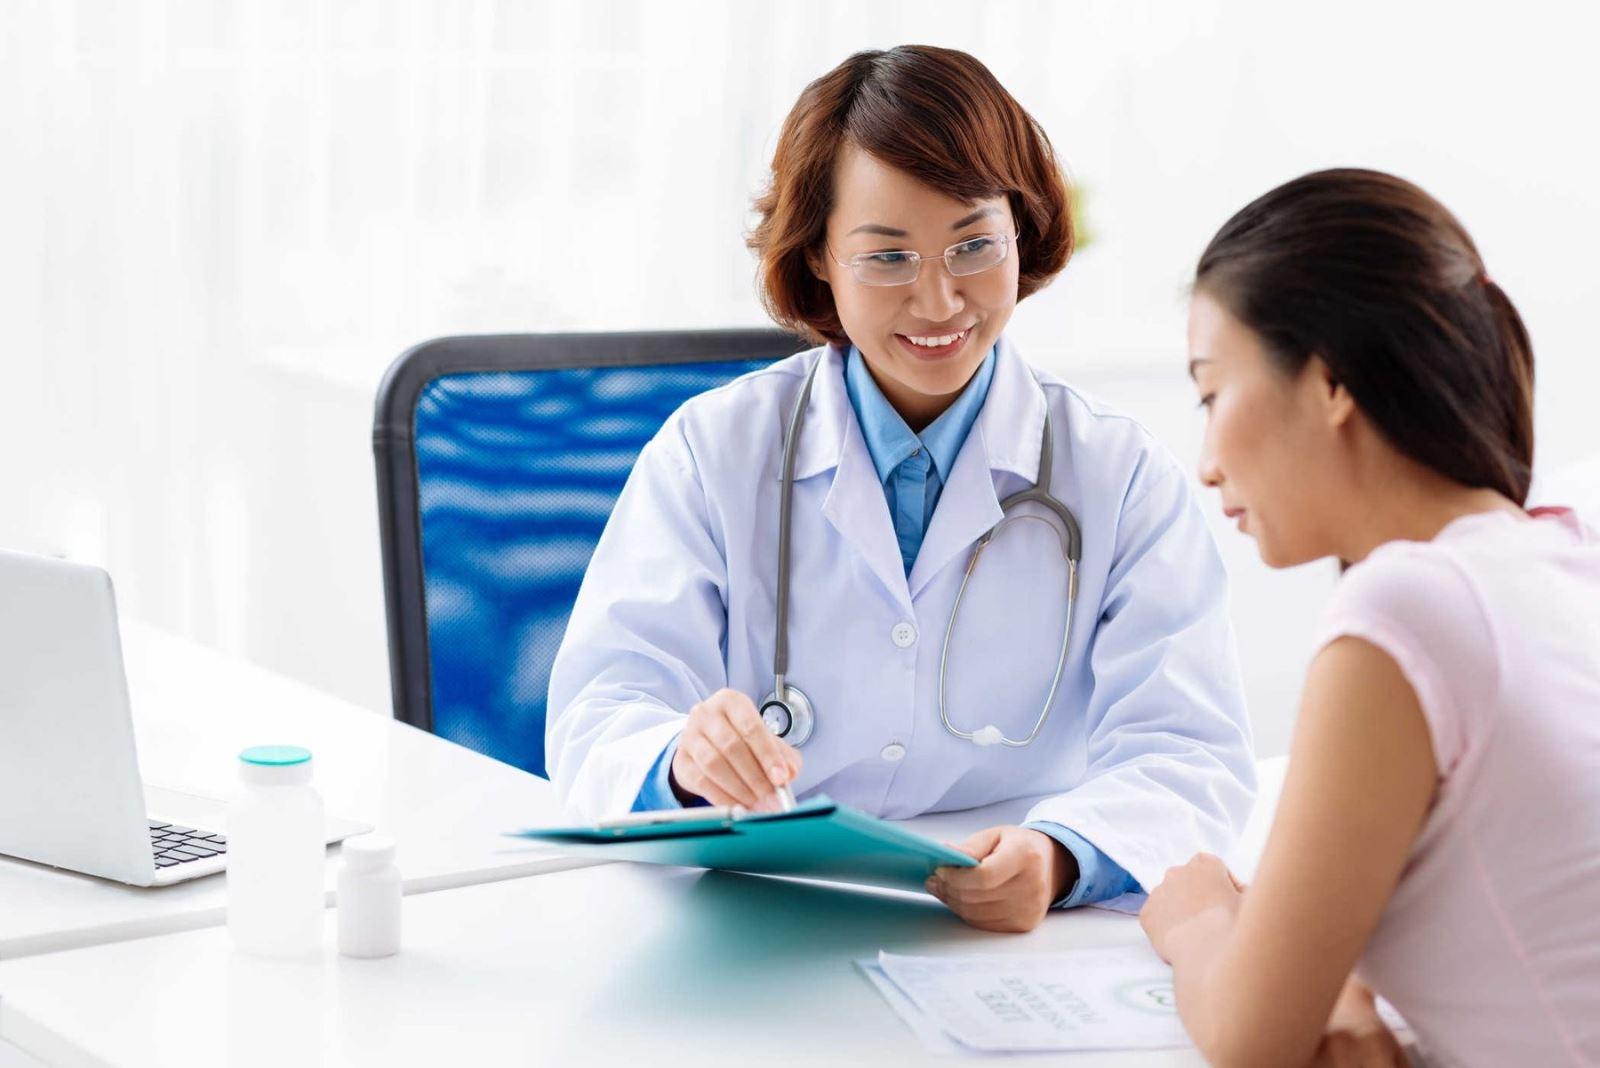 eDoctor - Khám sức khỏe định kỳ, phòng bệnh hơn chữa bệnh